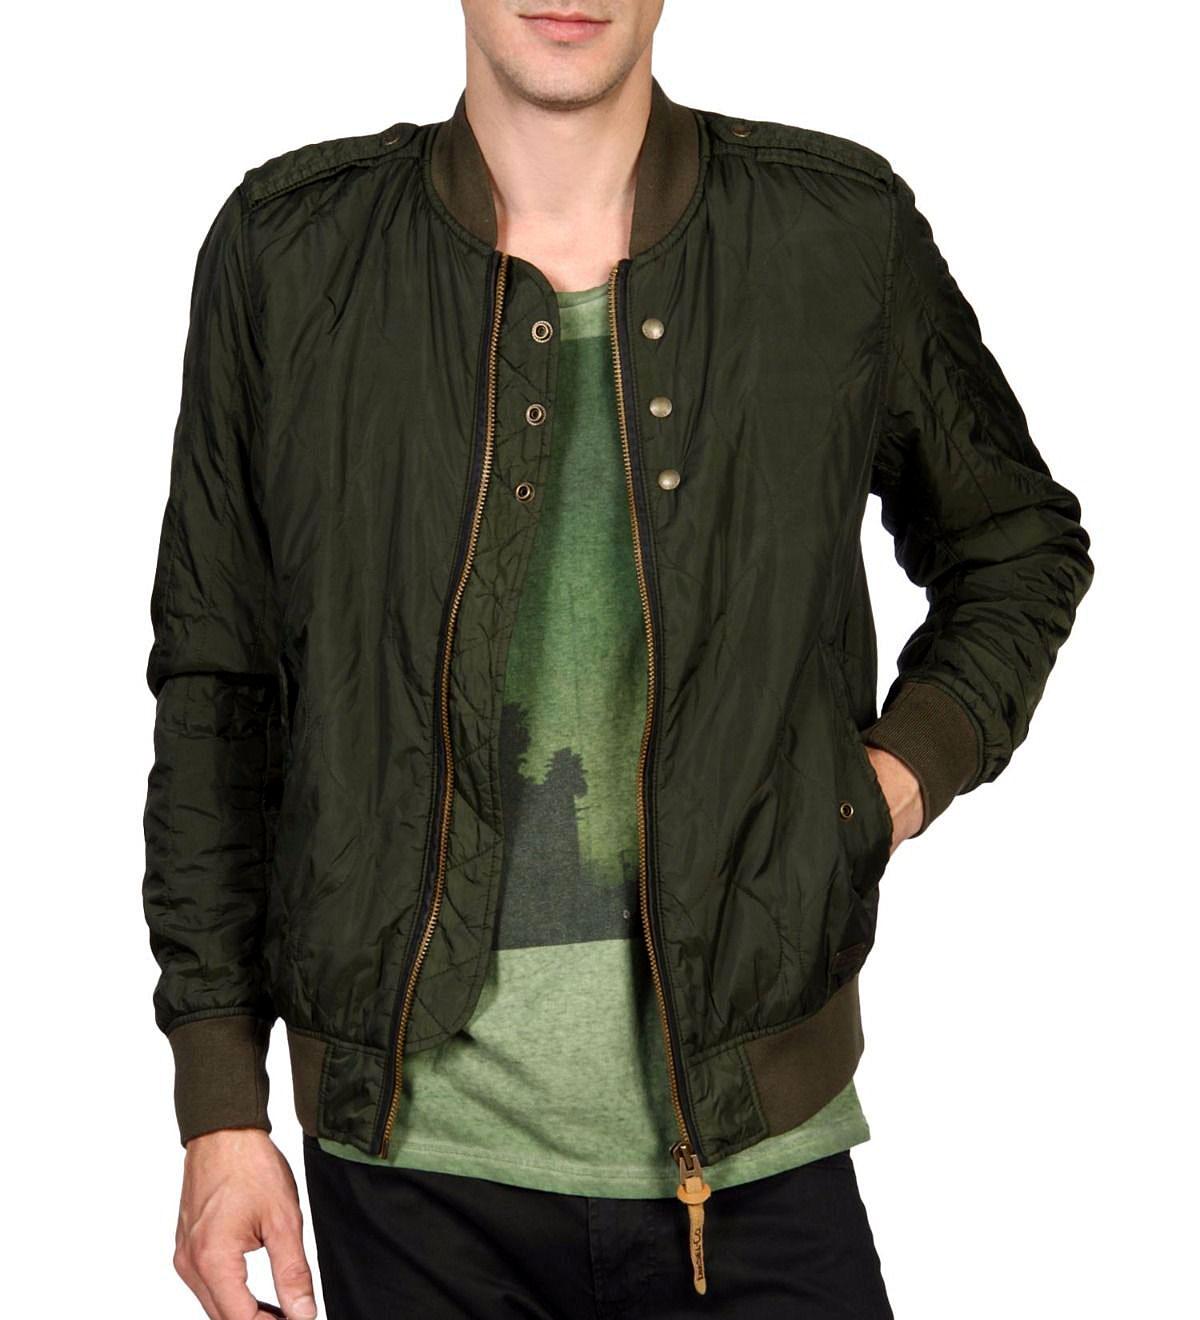 画像1: ◆Diesel bomber jacket 【ミリタリー・オリーブ】 Mサイズ